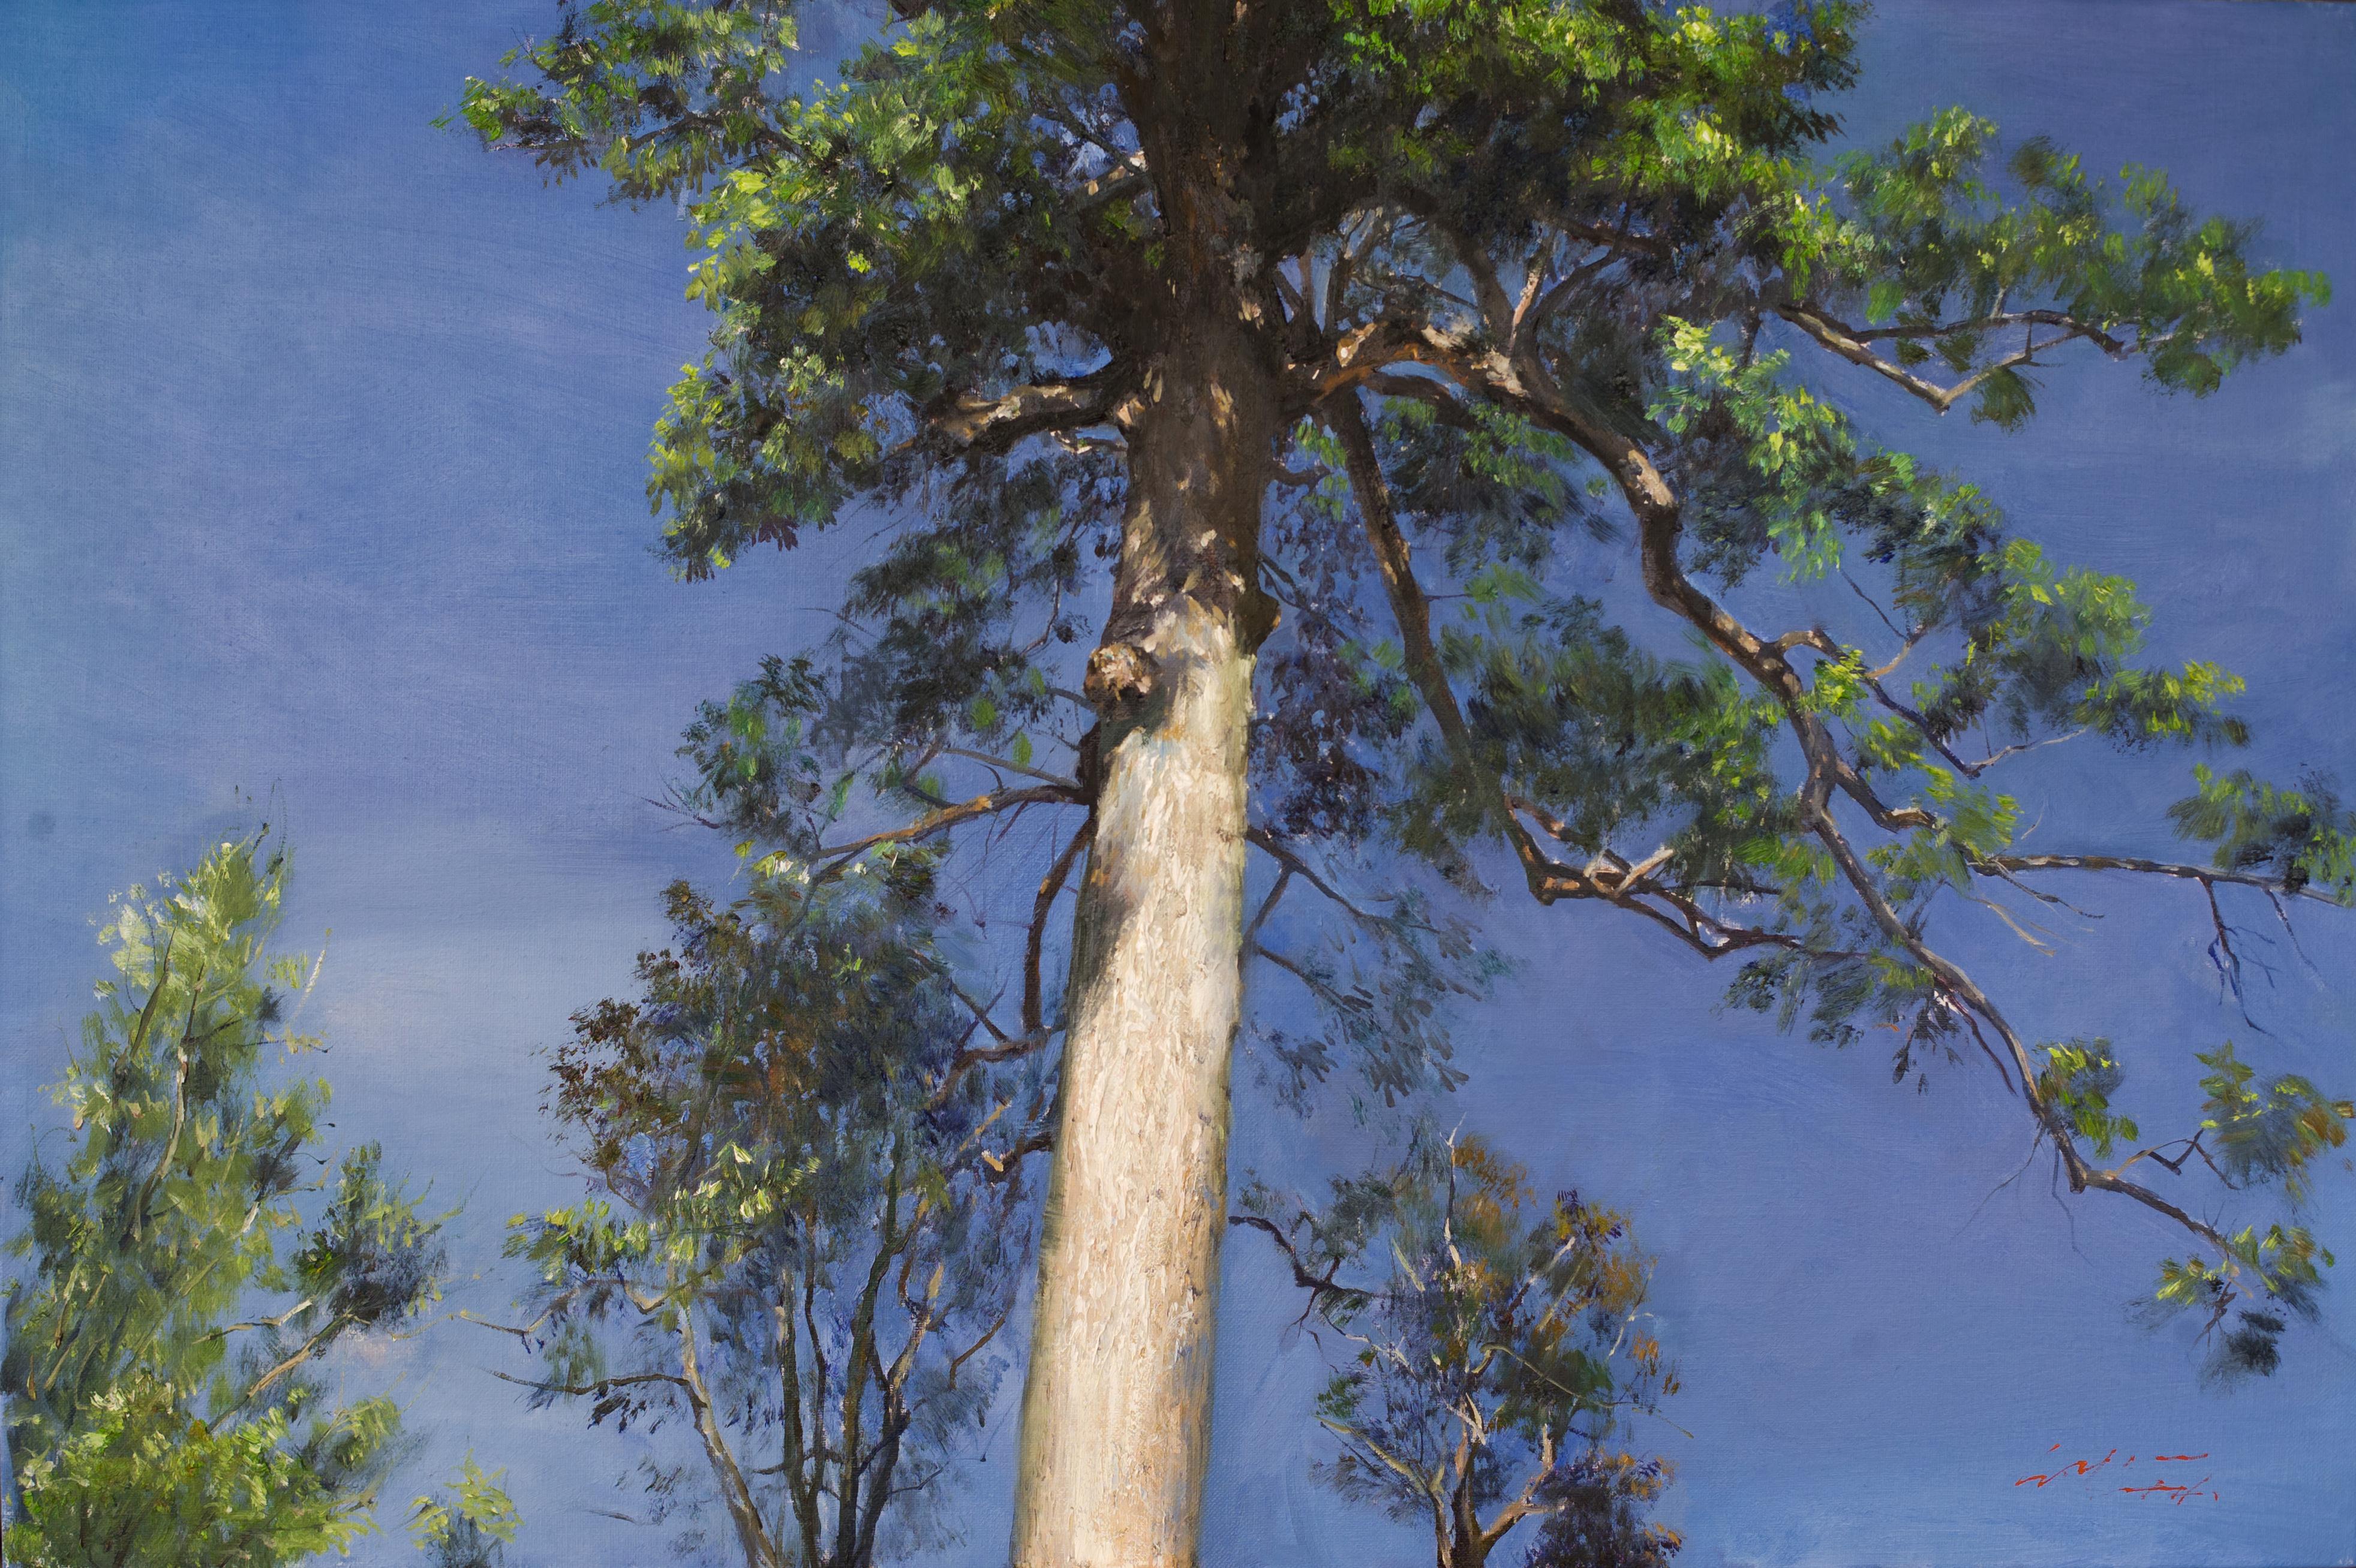 나무 90 9x60.6 Oil on canvas 2014